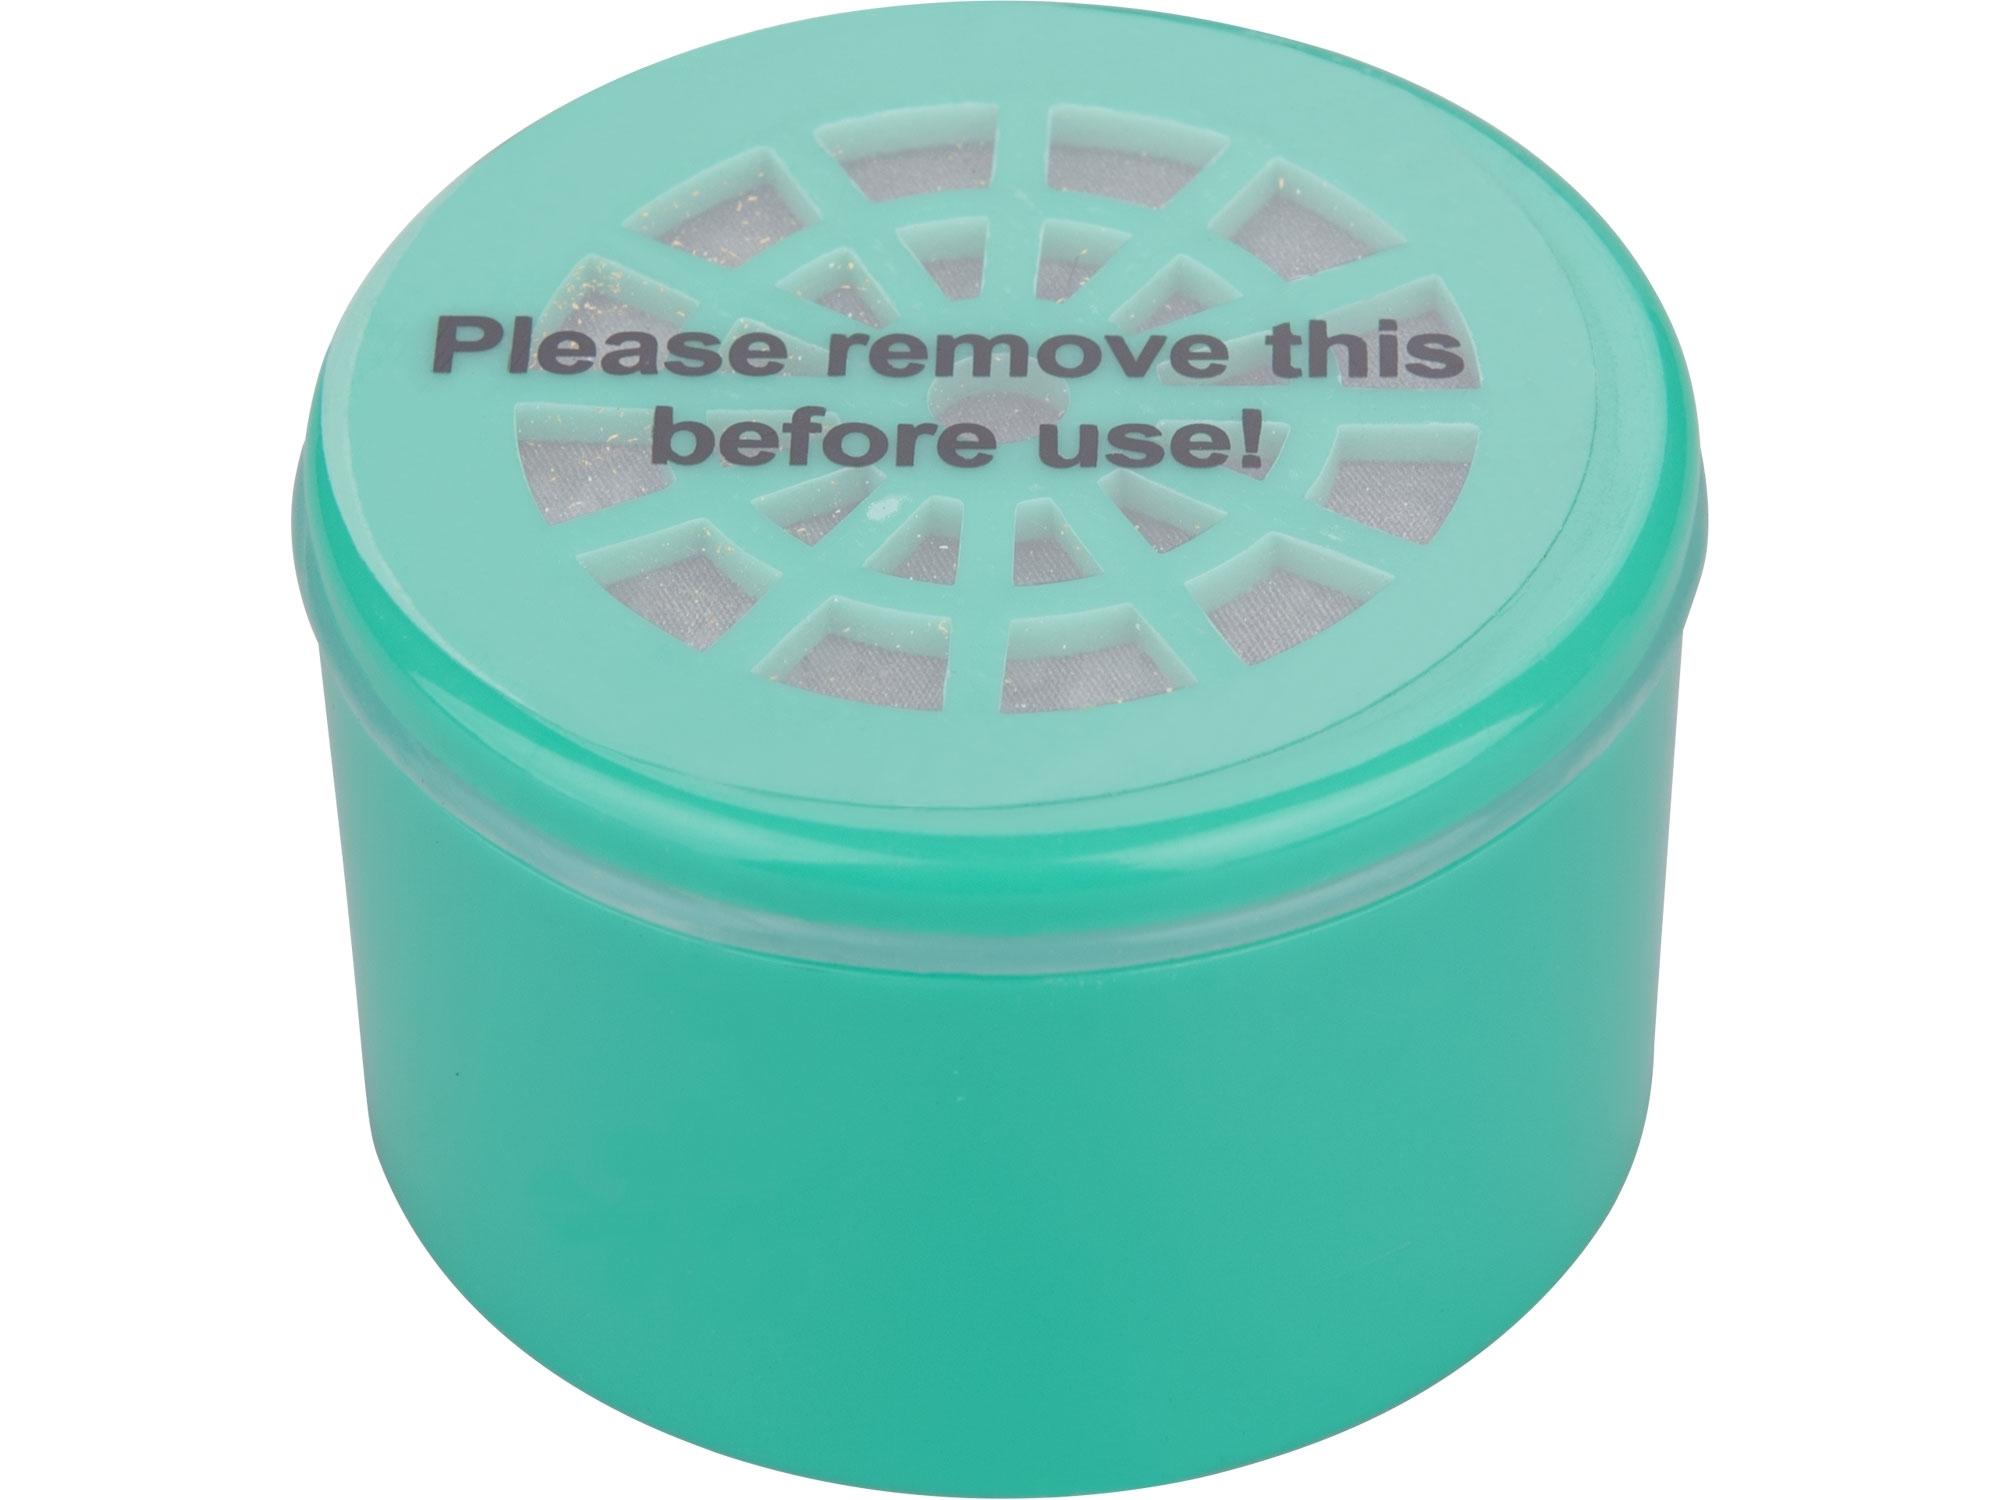 vložka do sprchového filtru, náhradní, KDF, FRESHHH 830474